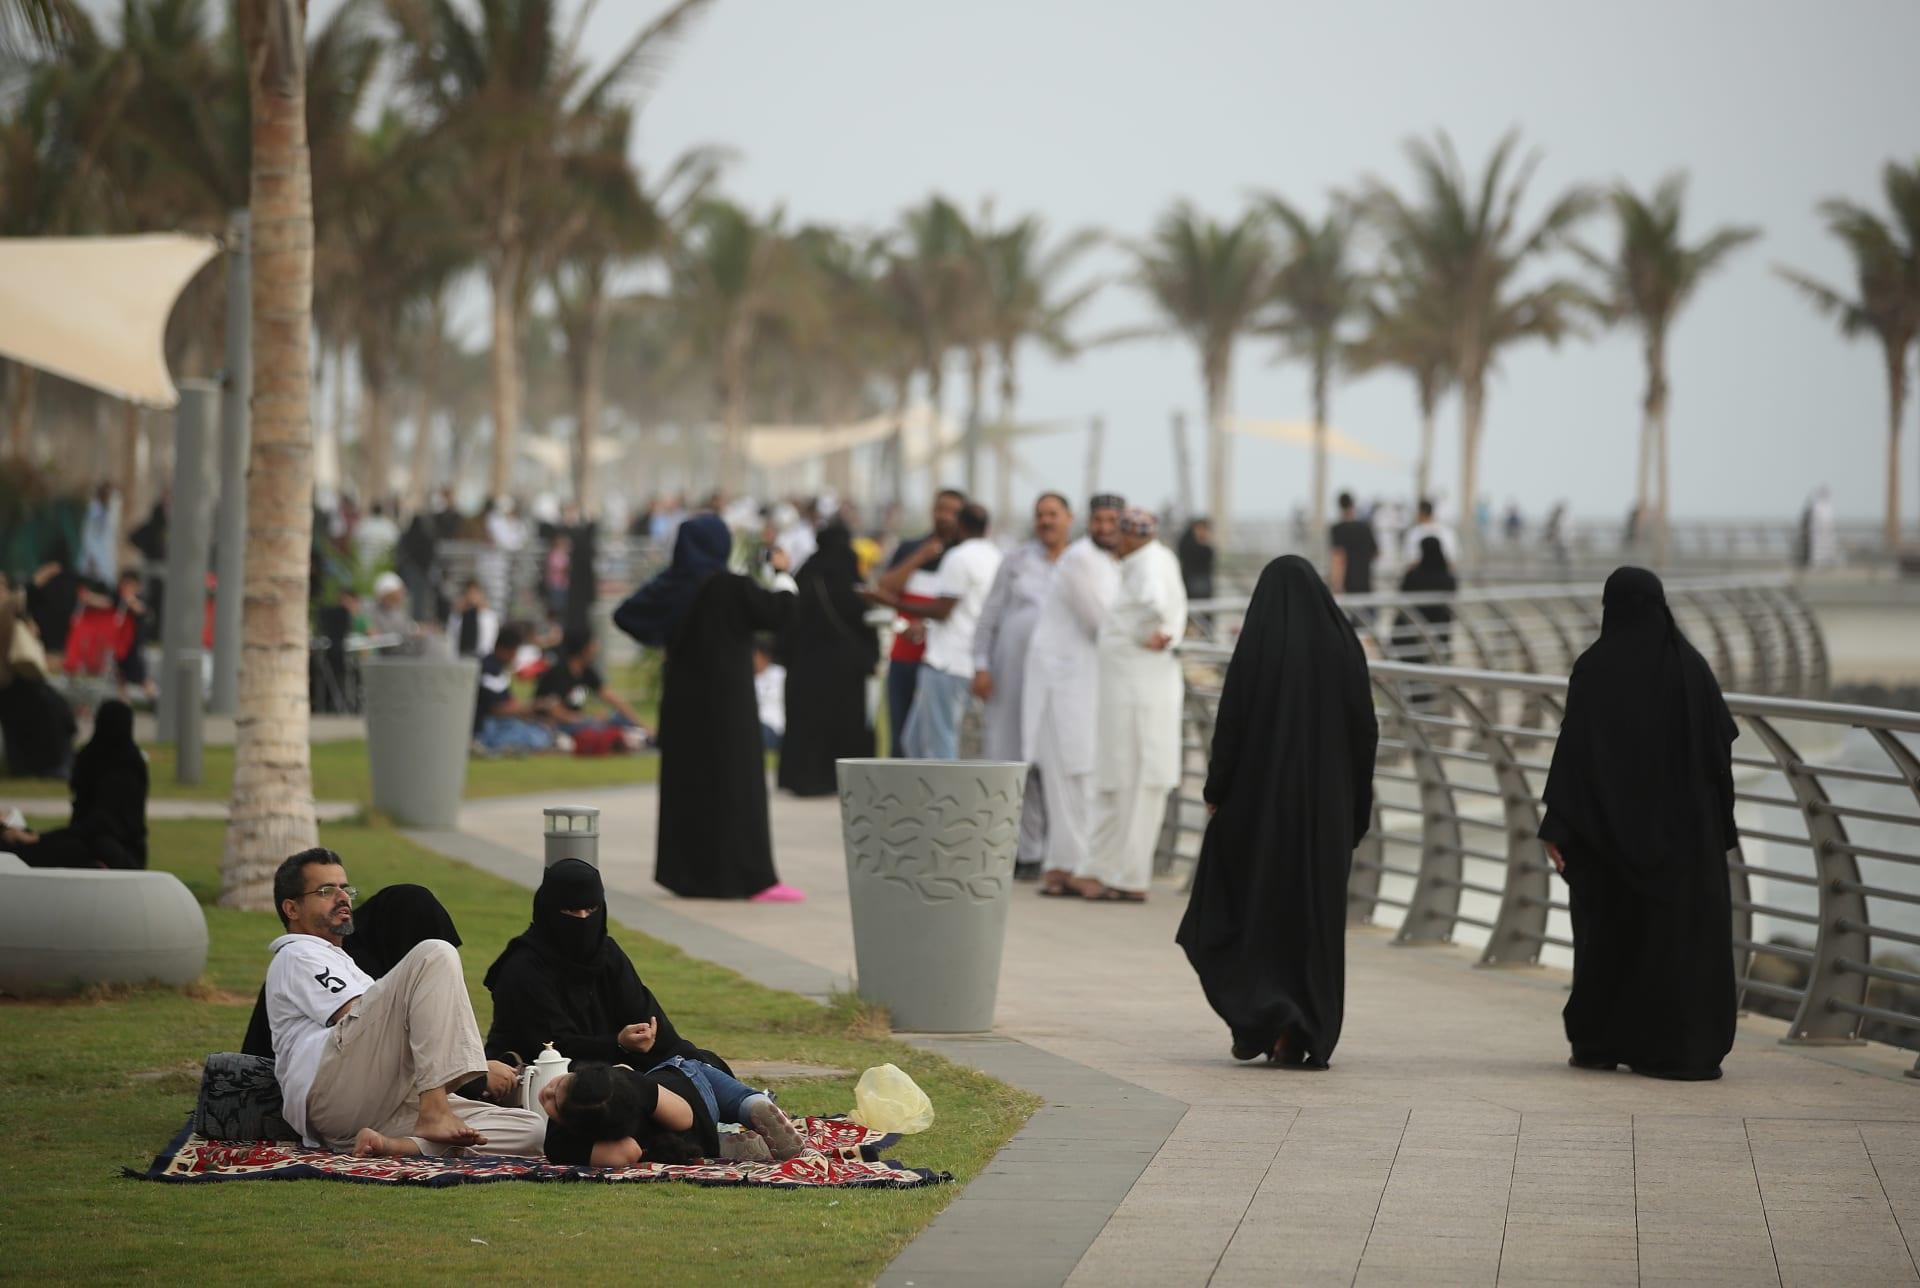 """الجزيرة تحذف فيديو """"يخالف معاييرها"""".. وسعوديون يتهمونها بتحريض فتياتهم على الهروب"""